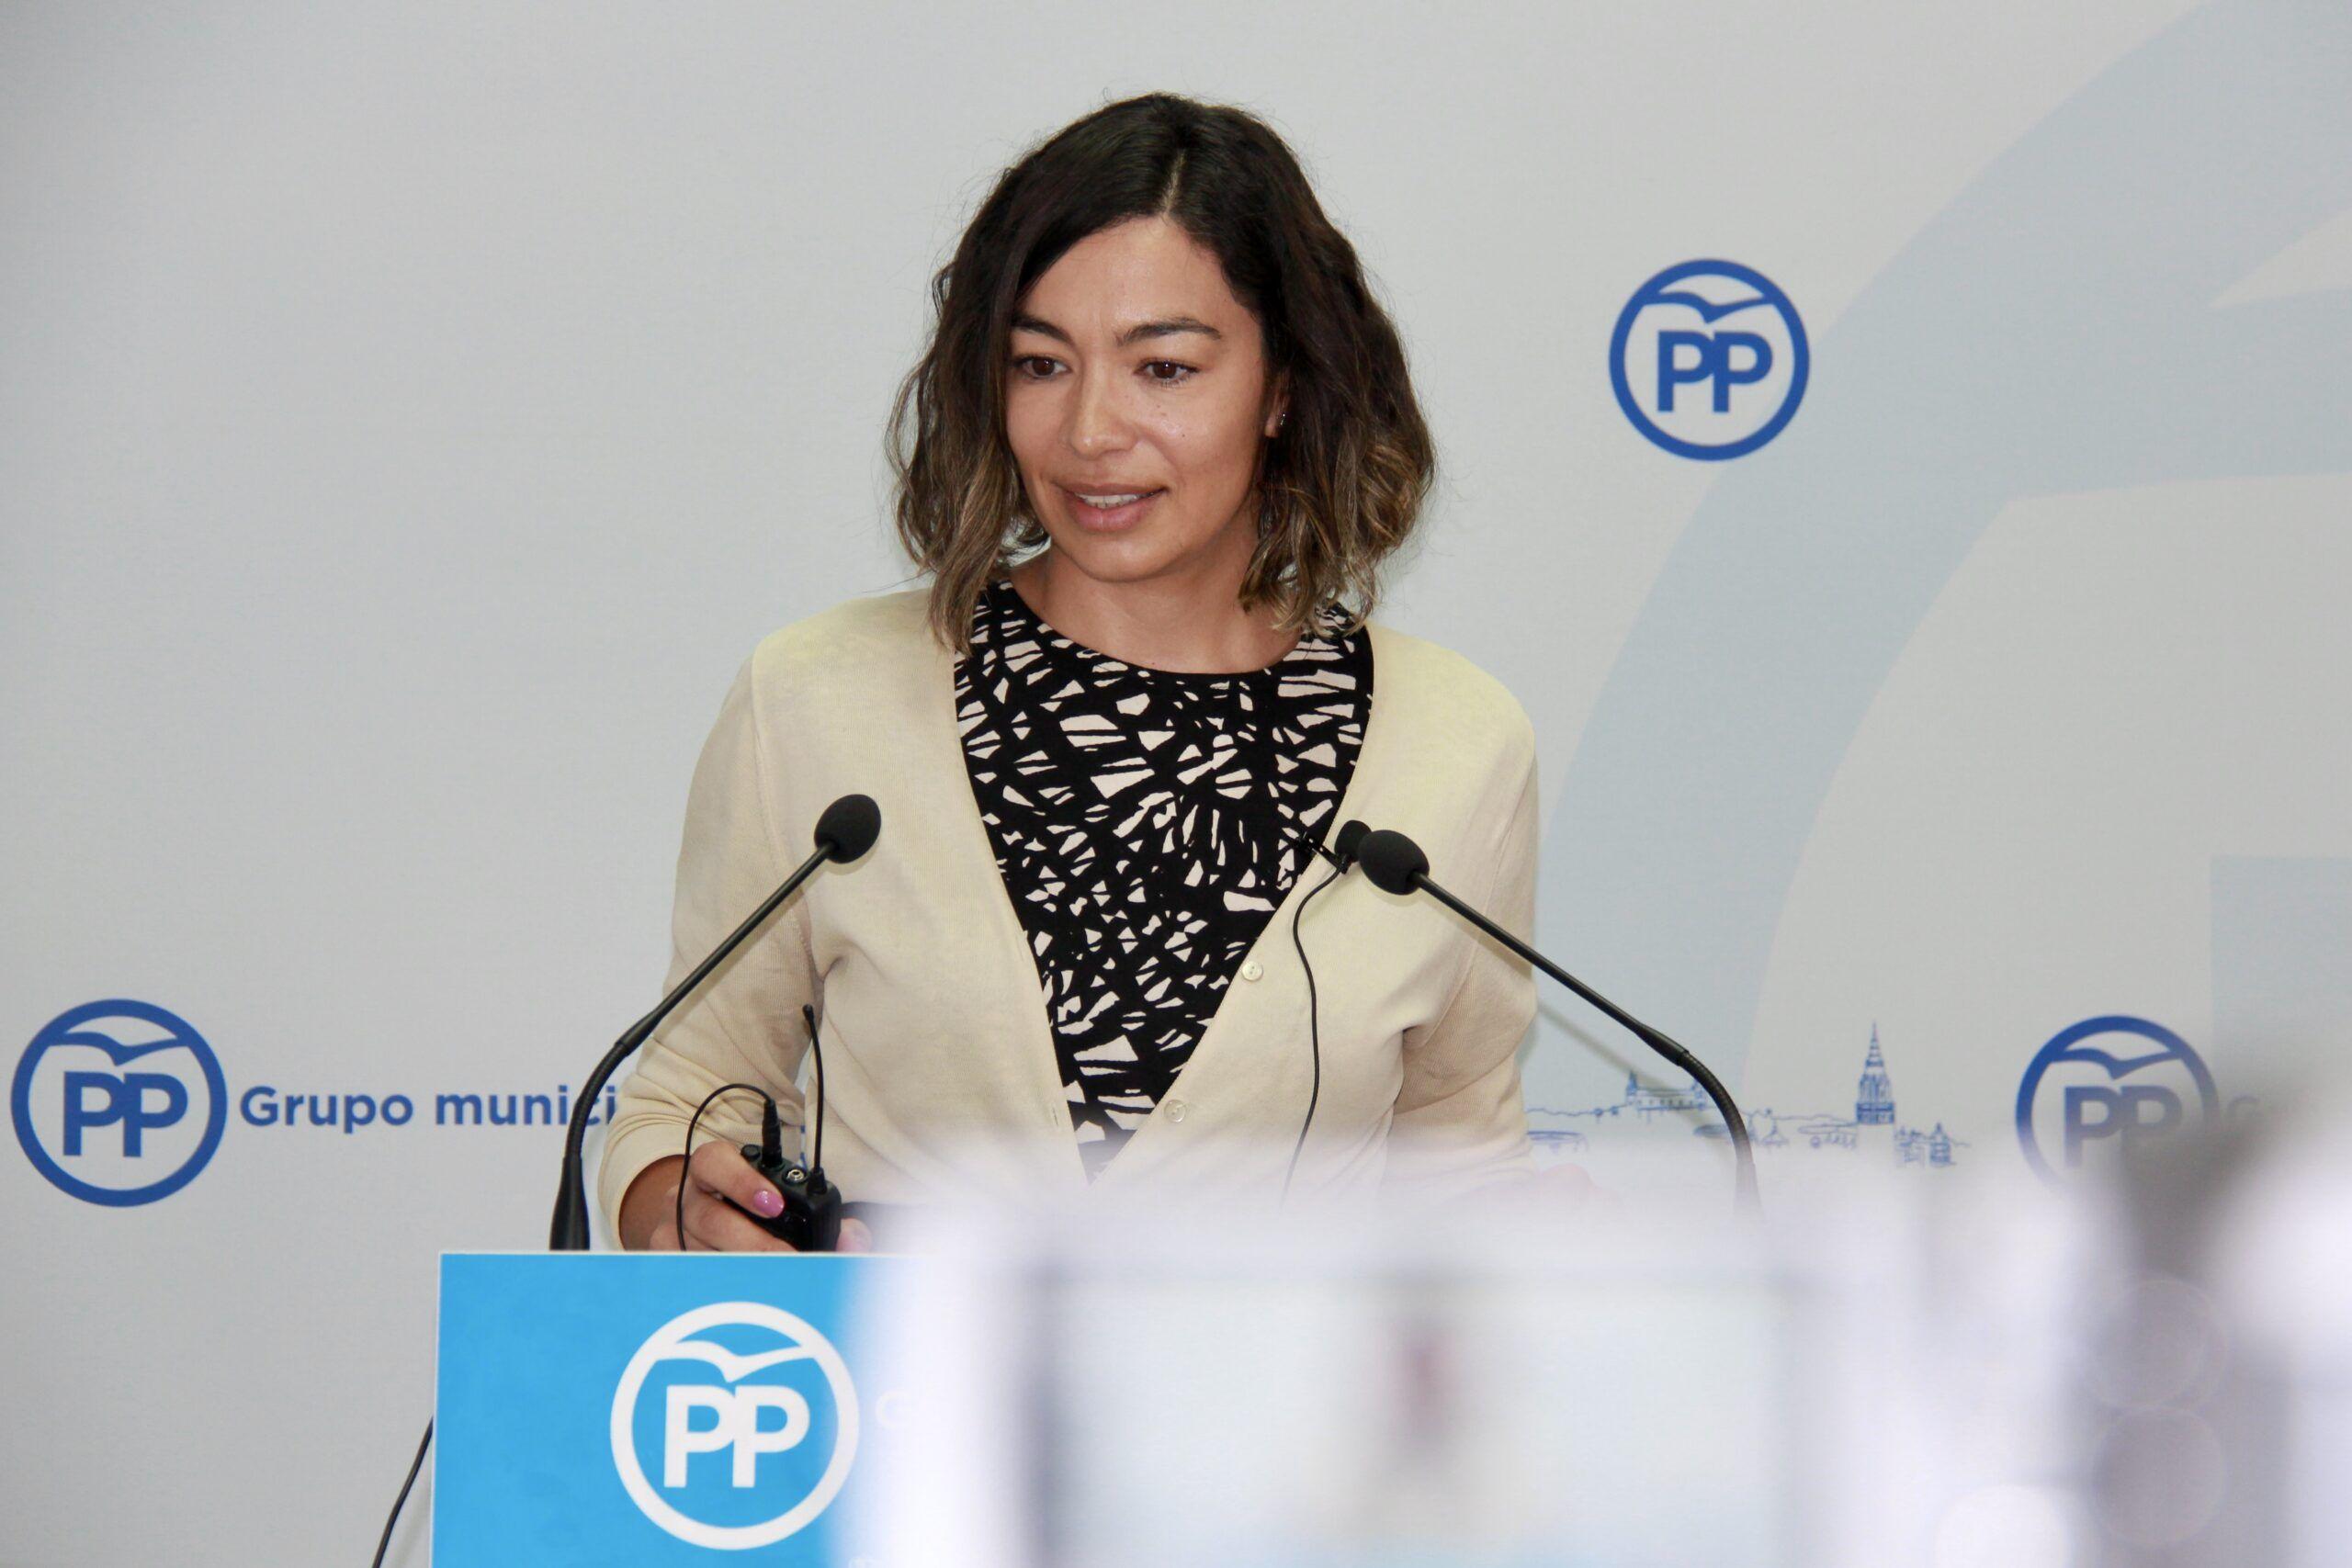 Alonso propone un acuerdo para conseguir una mejora de infraestructuras que ponga fin a problemas crónicos que causan daños cuando hay grandes precipitaciones